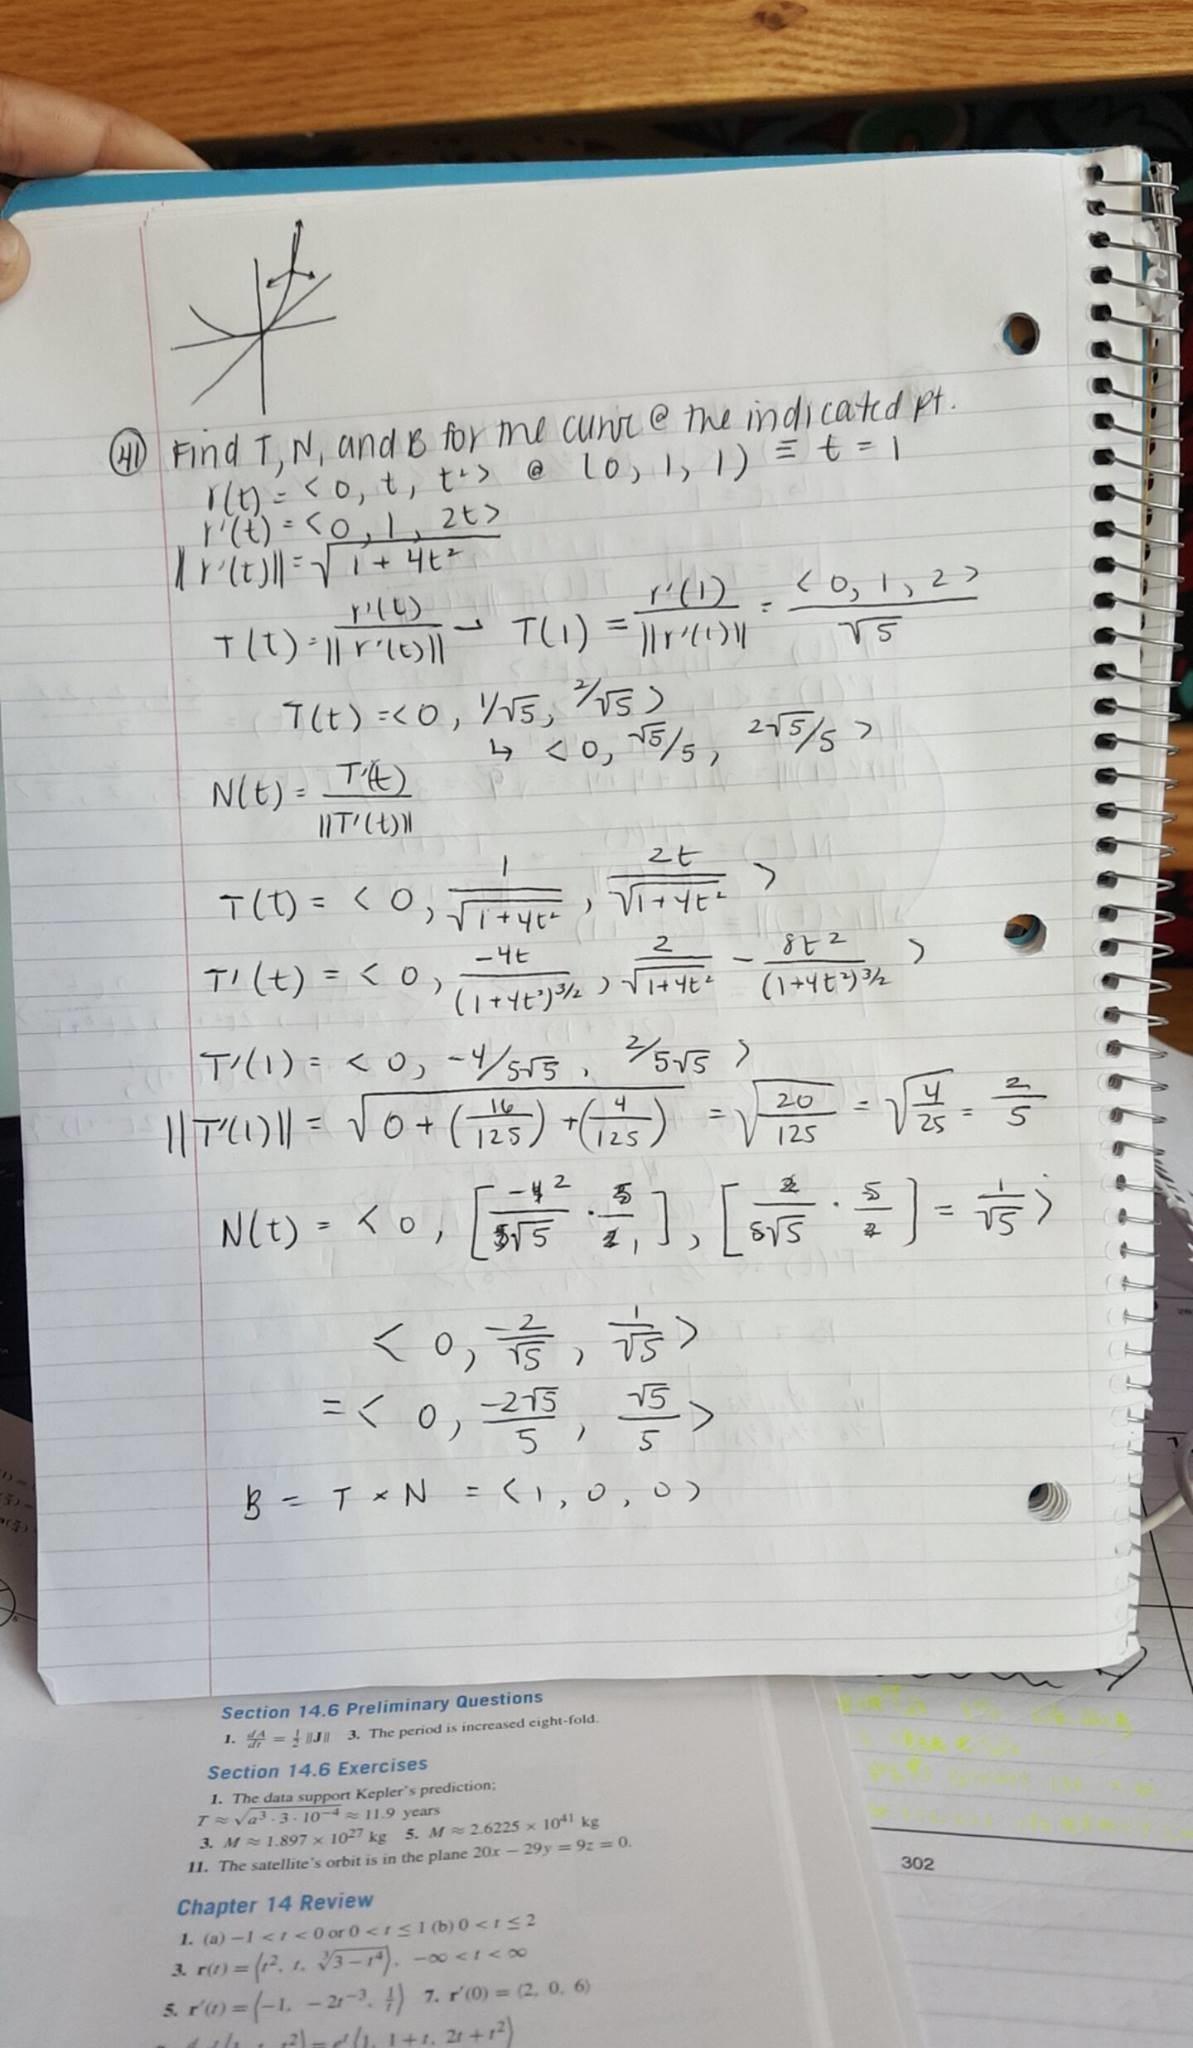 A student holds up their notebook, showing their handwritten math homework